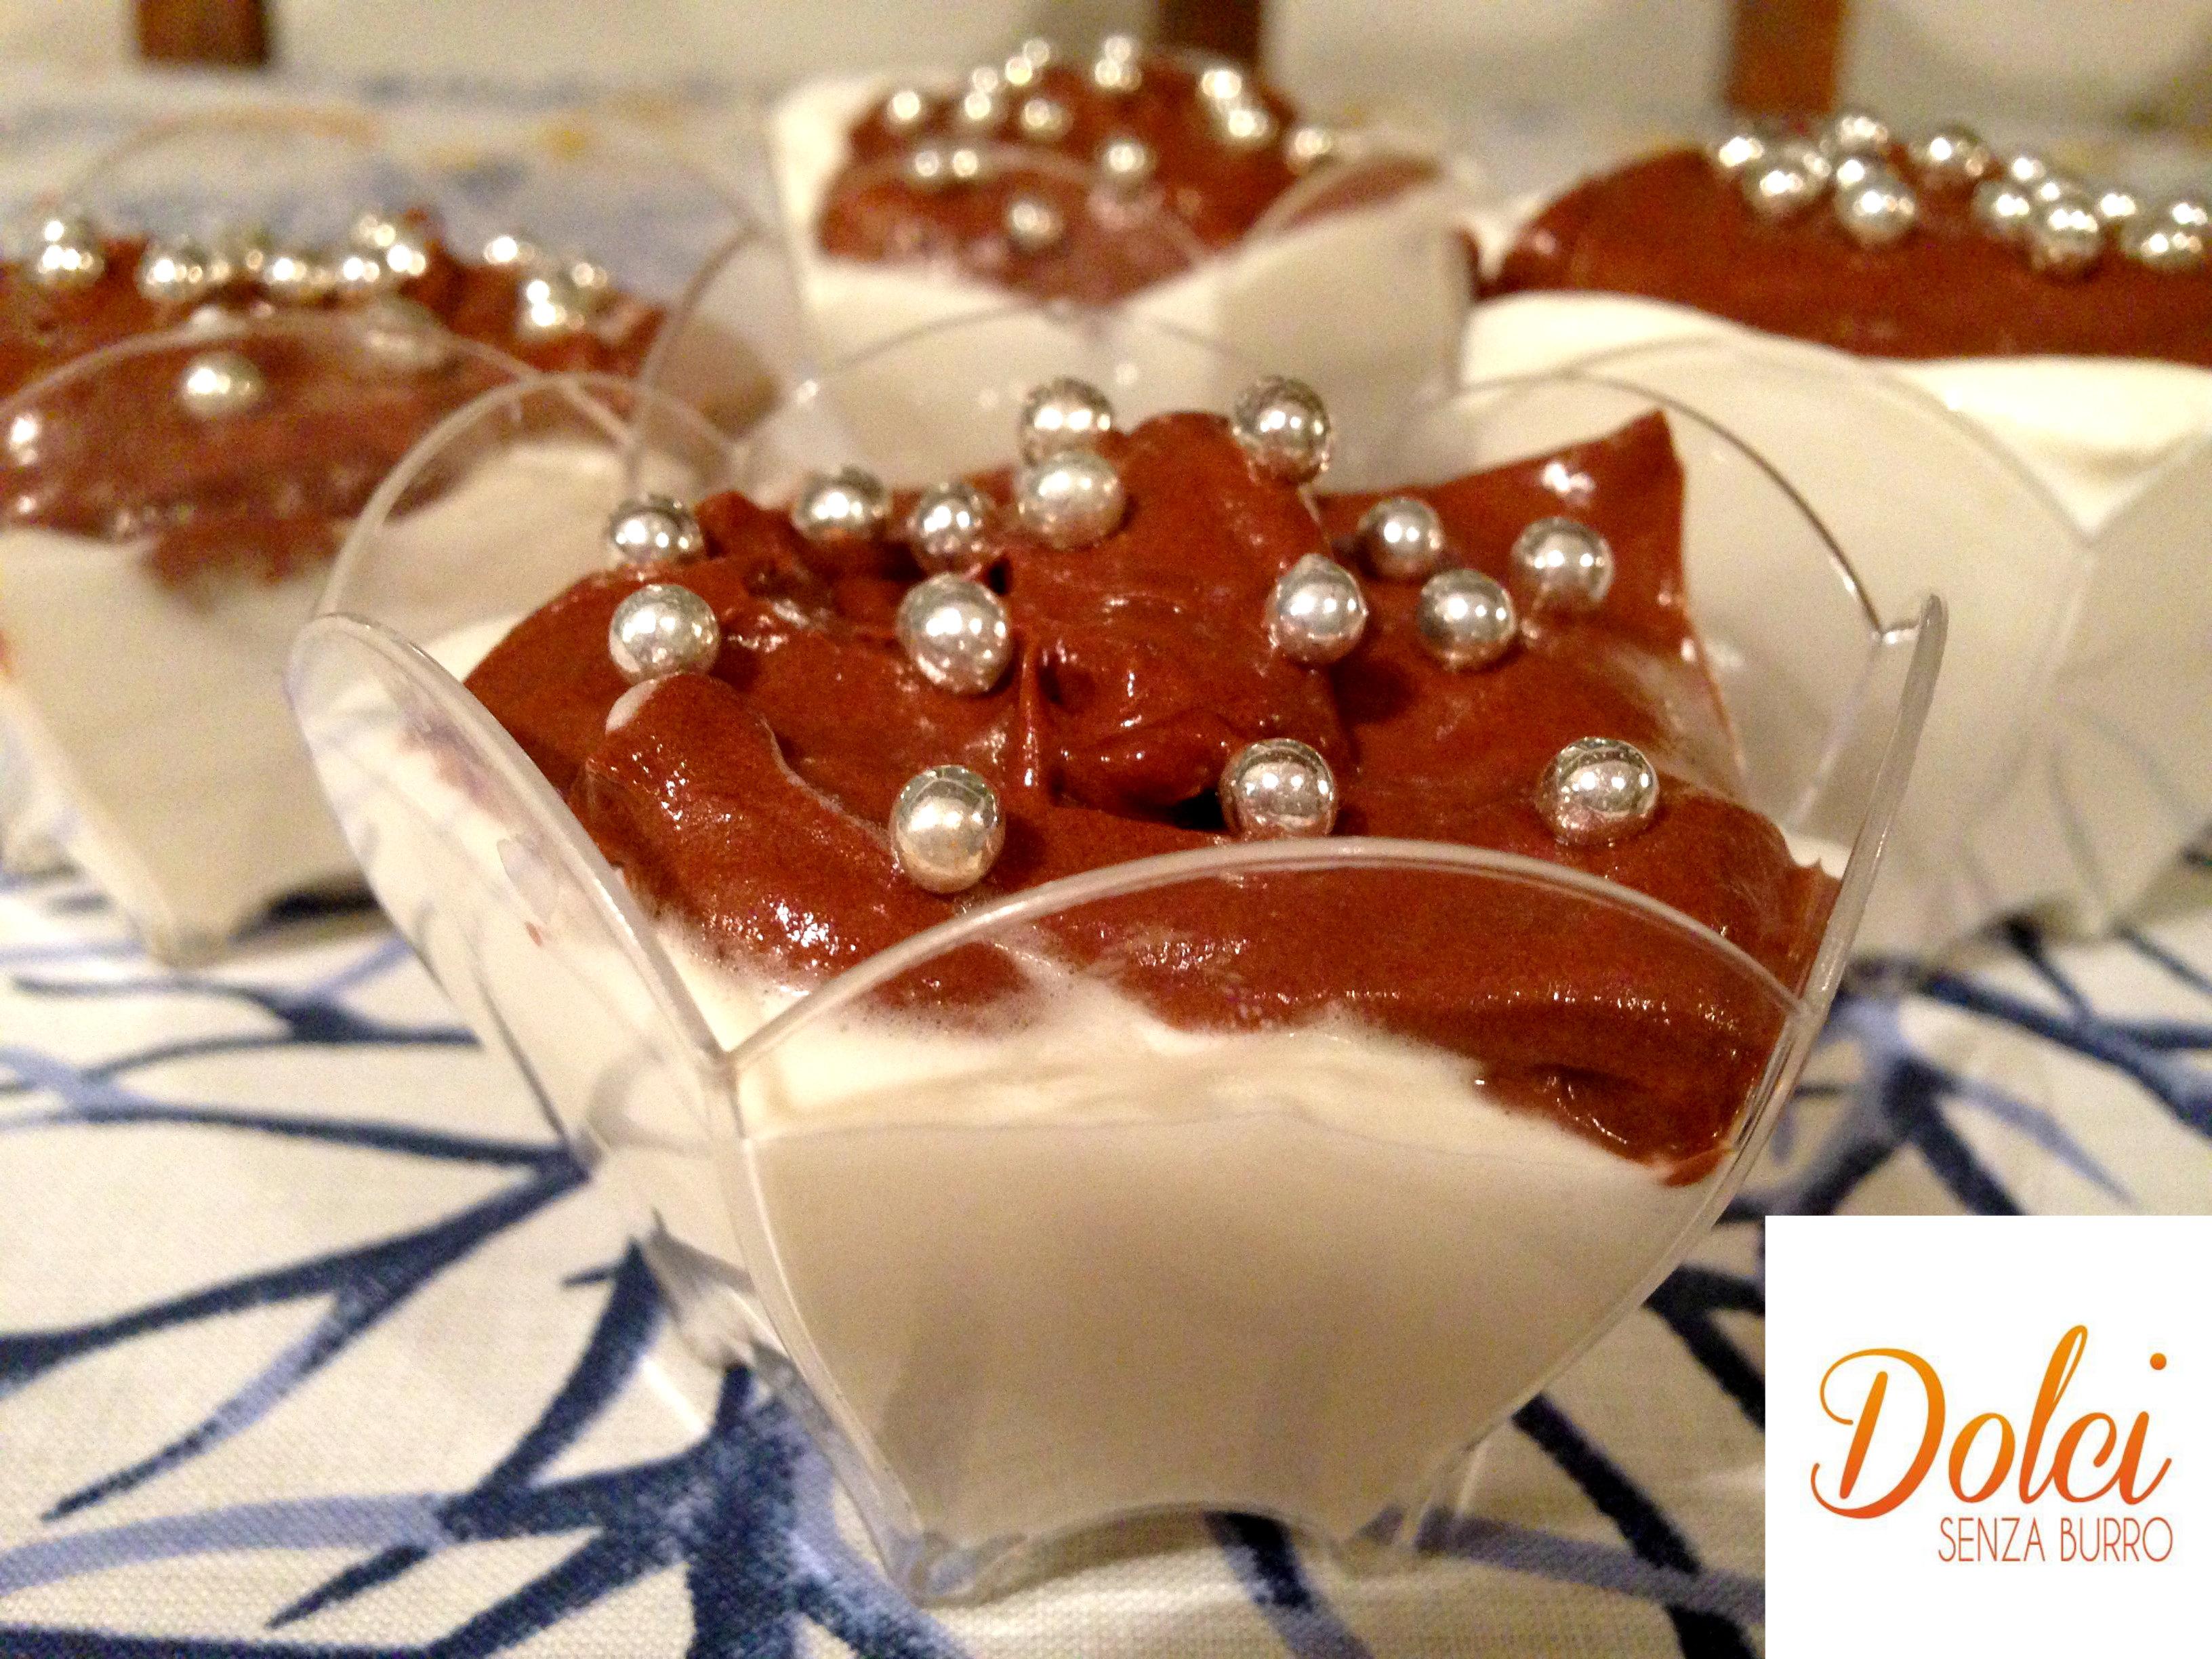 La Mousse alla Panna e Cioccolato è un dolce al cucchiaio sfizioso, gustoso e goloso di dolci senza burro